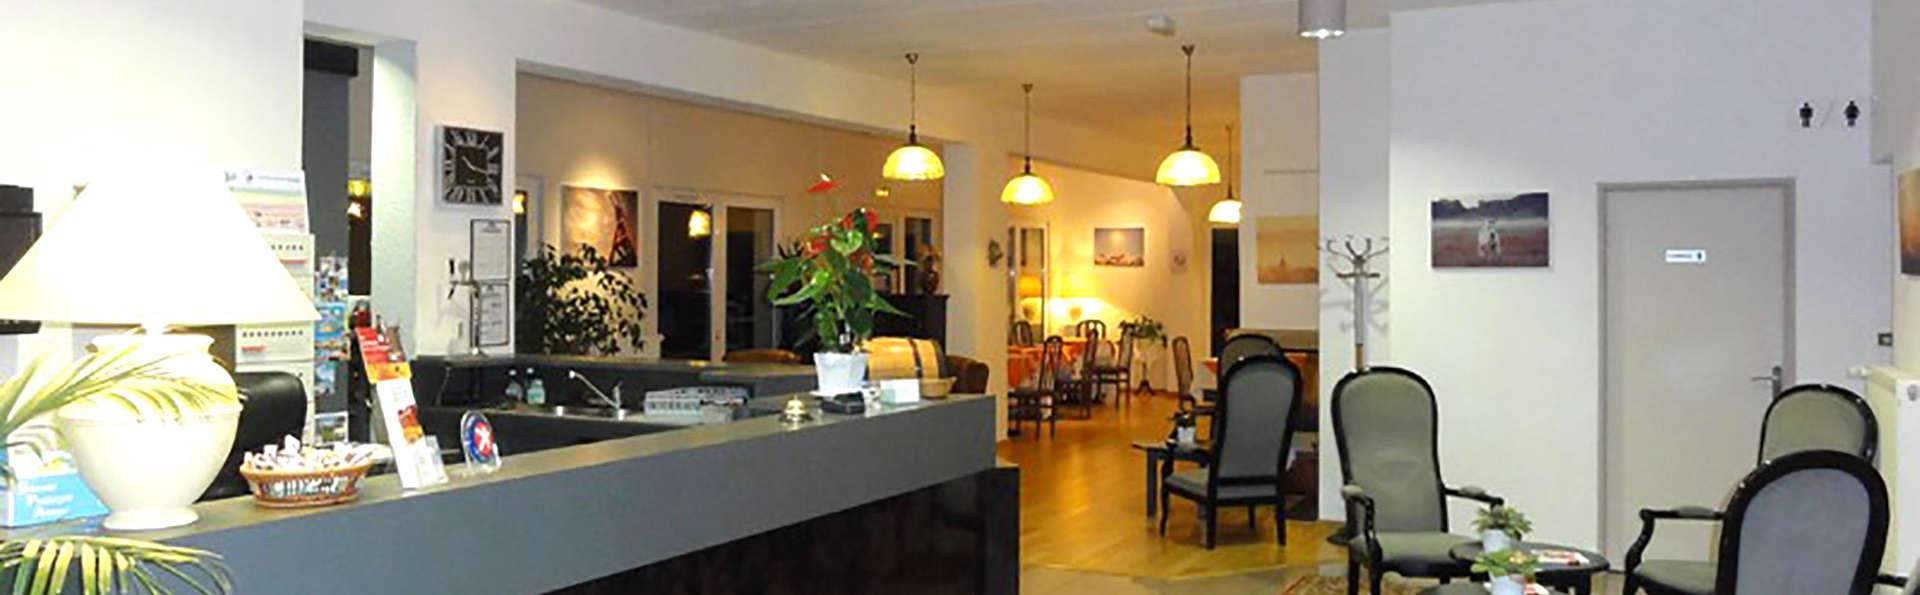 The Originals City, Hôtel Aster, Saint-Avold Nord (Inter-Hotel) - Edit_Reception.jpg